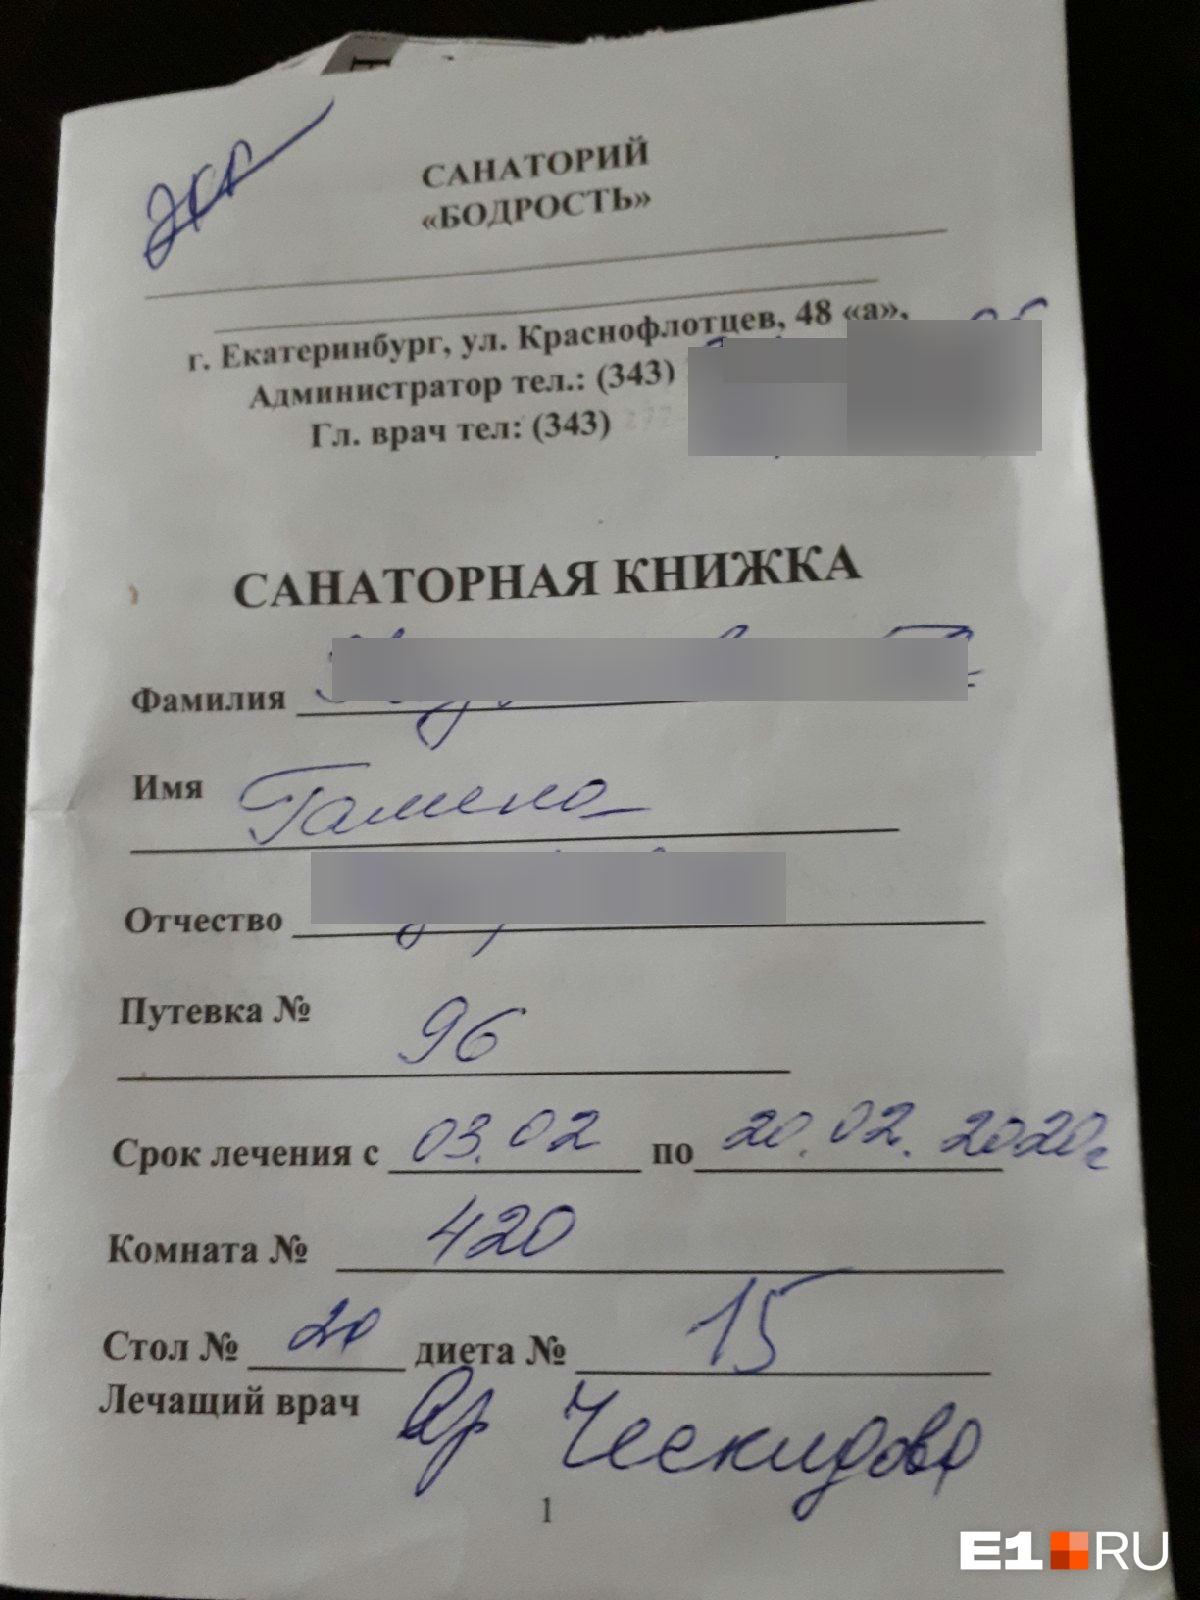 Женщина заплатила 25 600 рублей за 18 дней в санатории